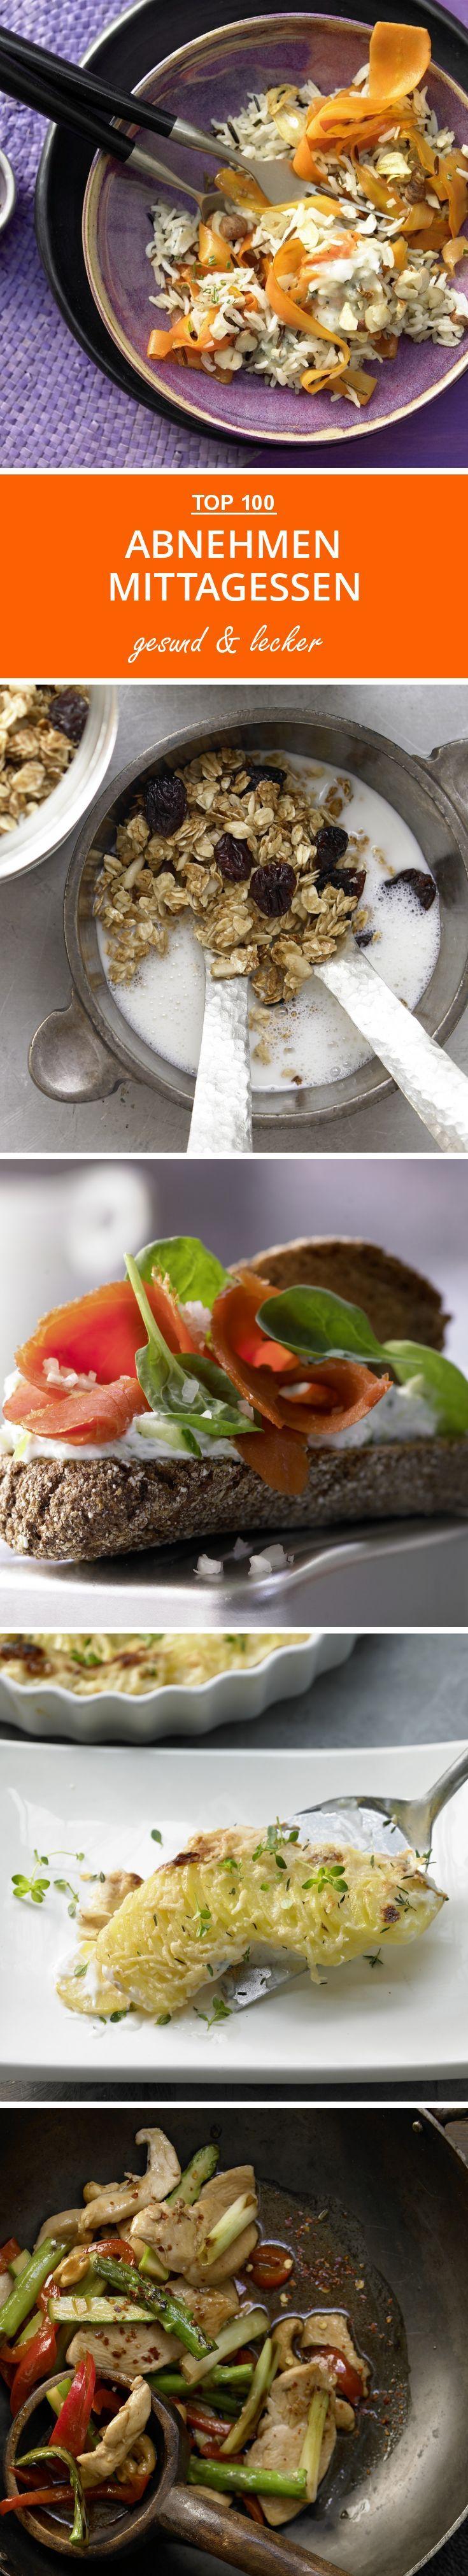 Abnehmen Mittagessen | eatsmarter.de